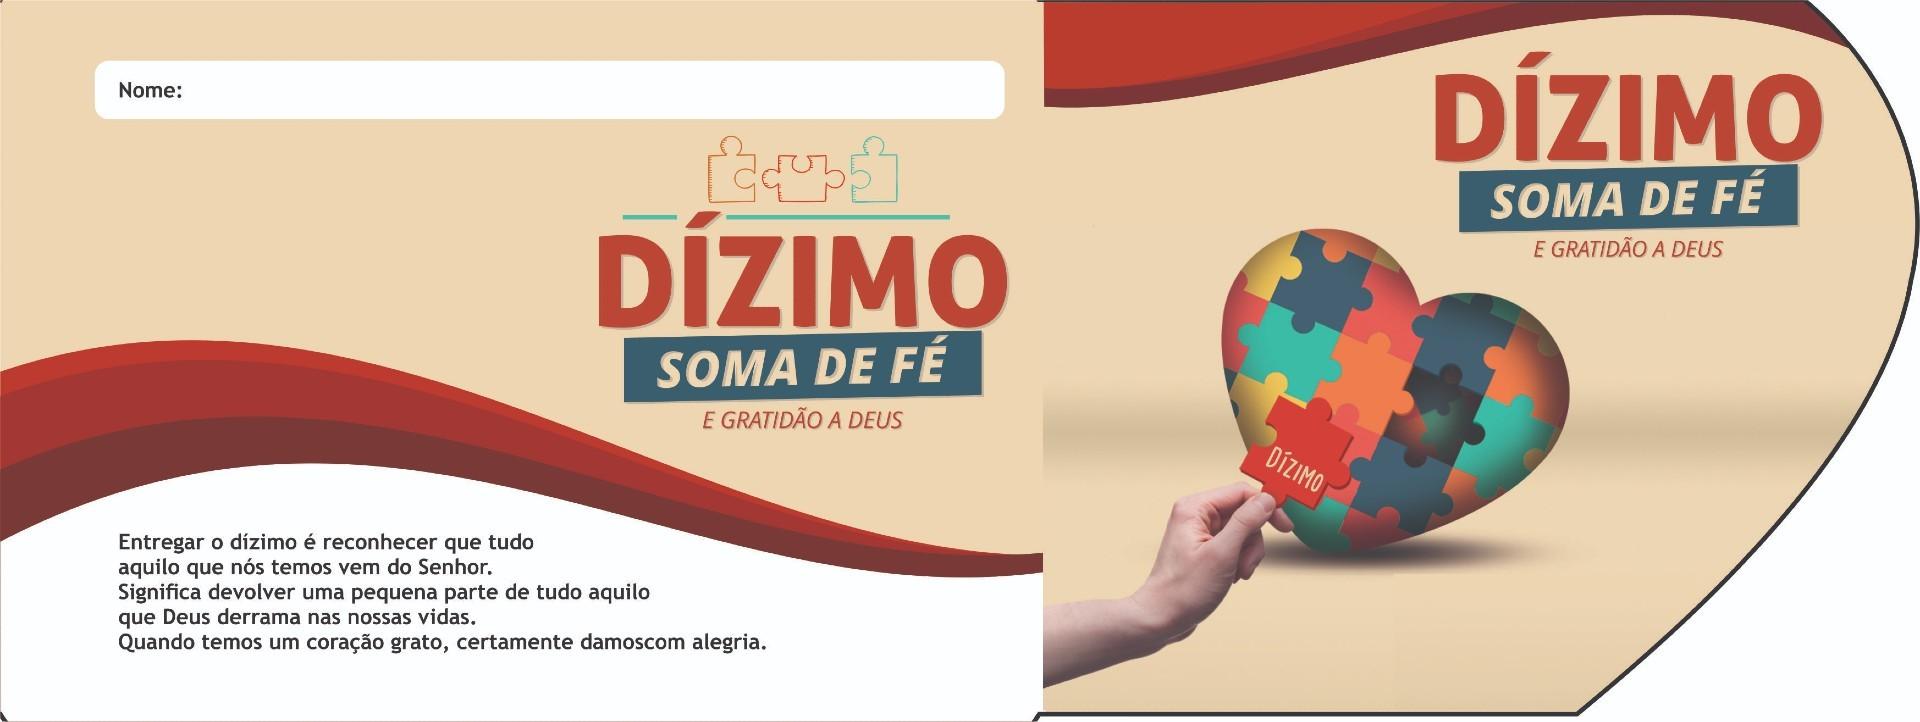 ENVELOPE ESPECIAL DIZIMO - SOMA DE FÉ E GRATIDÃO A DEUS